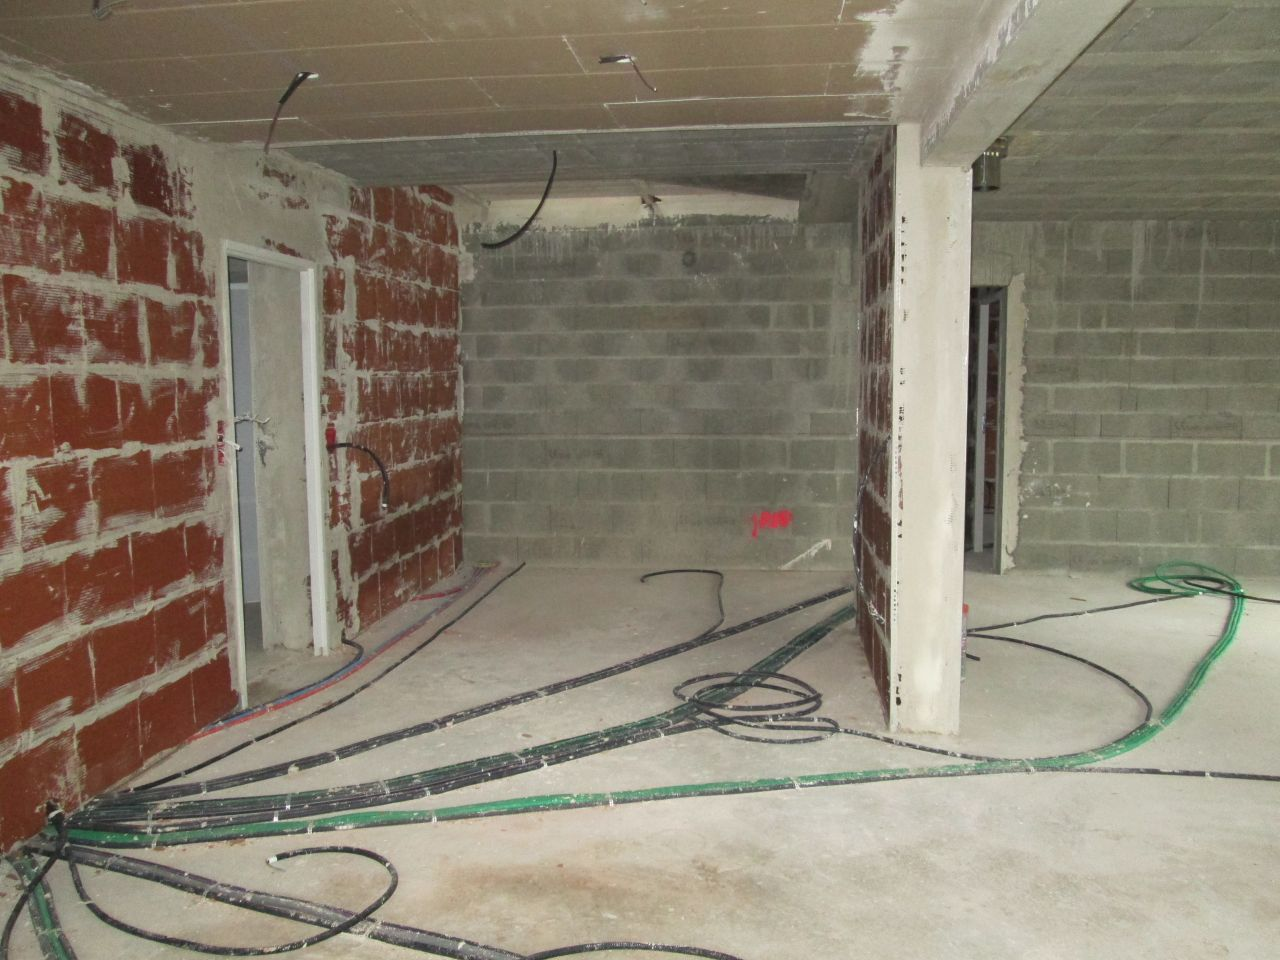 Emplacement de l'escalier au fond, sur le mur de parpaing, vu de la cuisine. <br /> La porte de gauche donne dans le scellier.